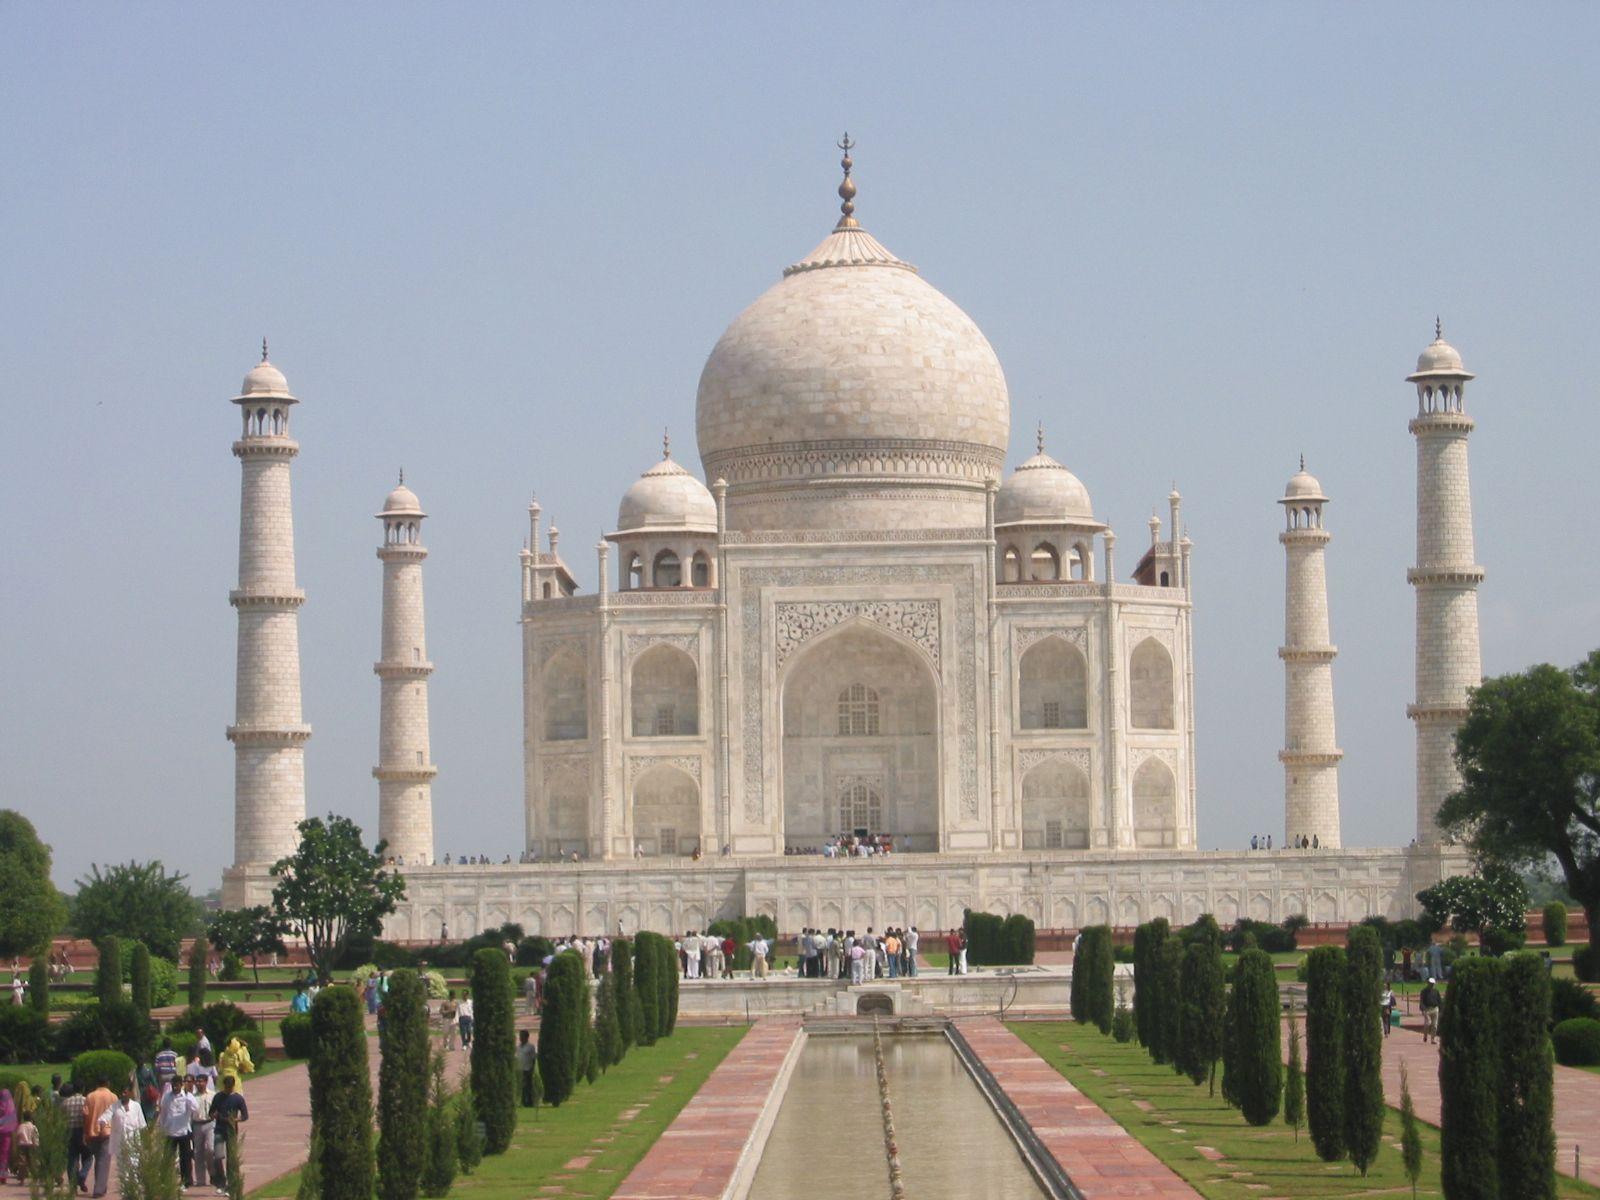 The Beautiful Taj Mahal in India inspires many Zodax items